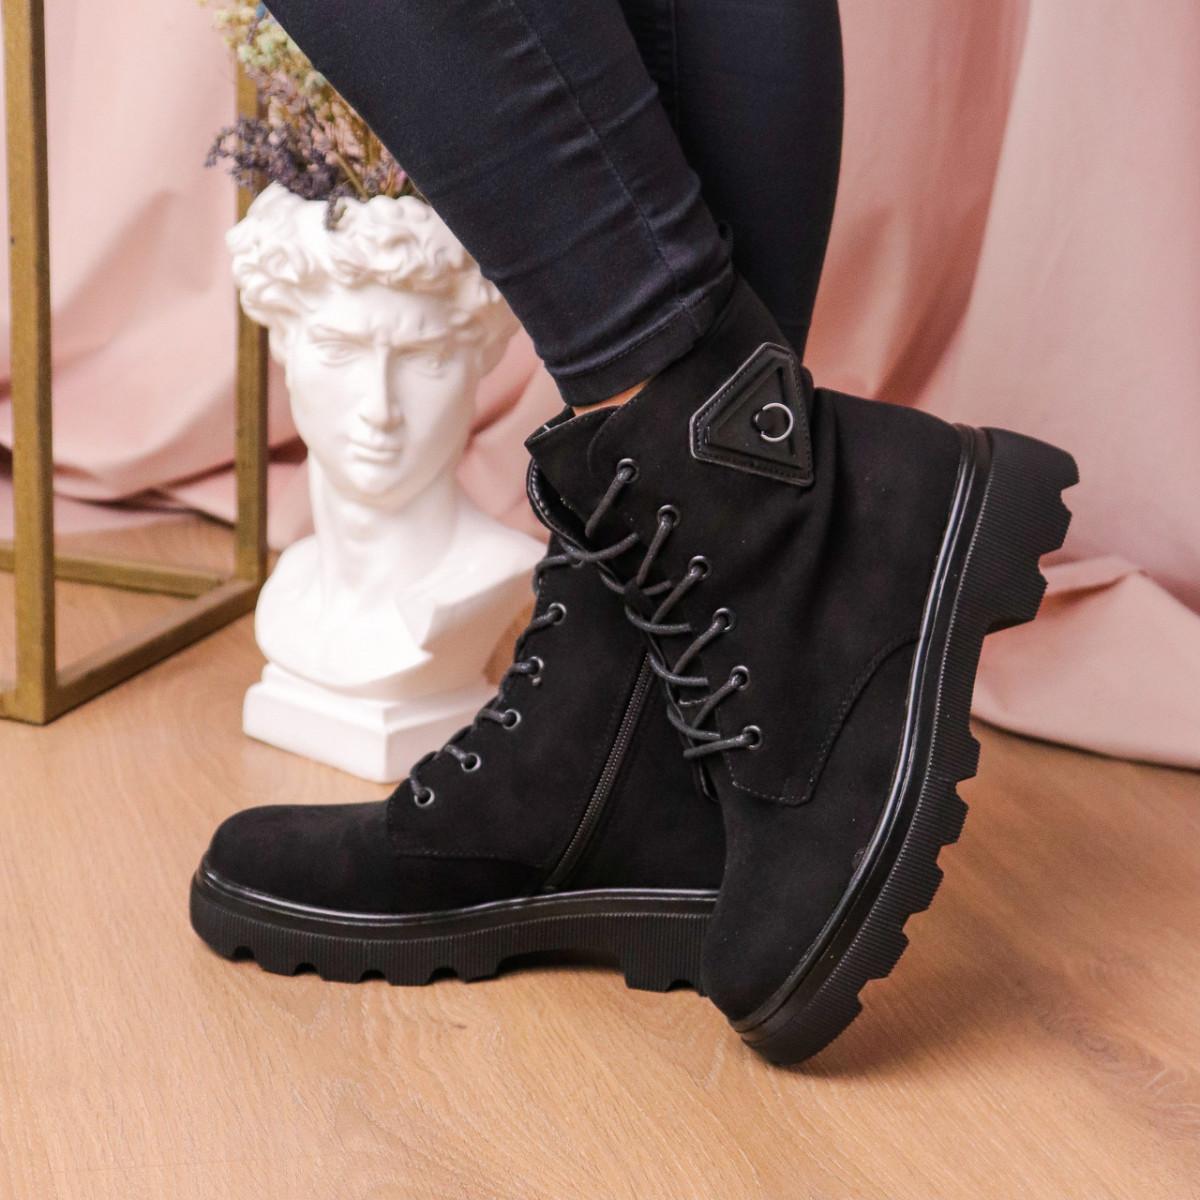 Черевики жіночі Fashion Elmo 2267 36 розмір, 23,5 см Чорний